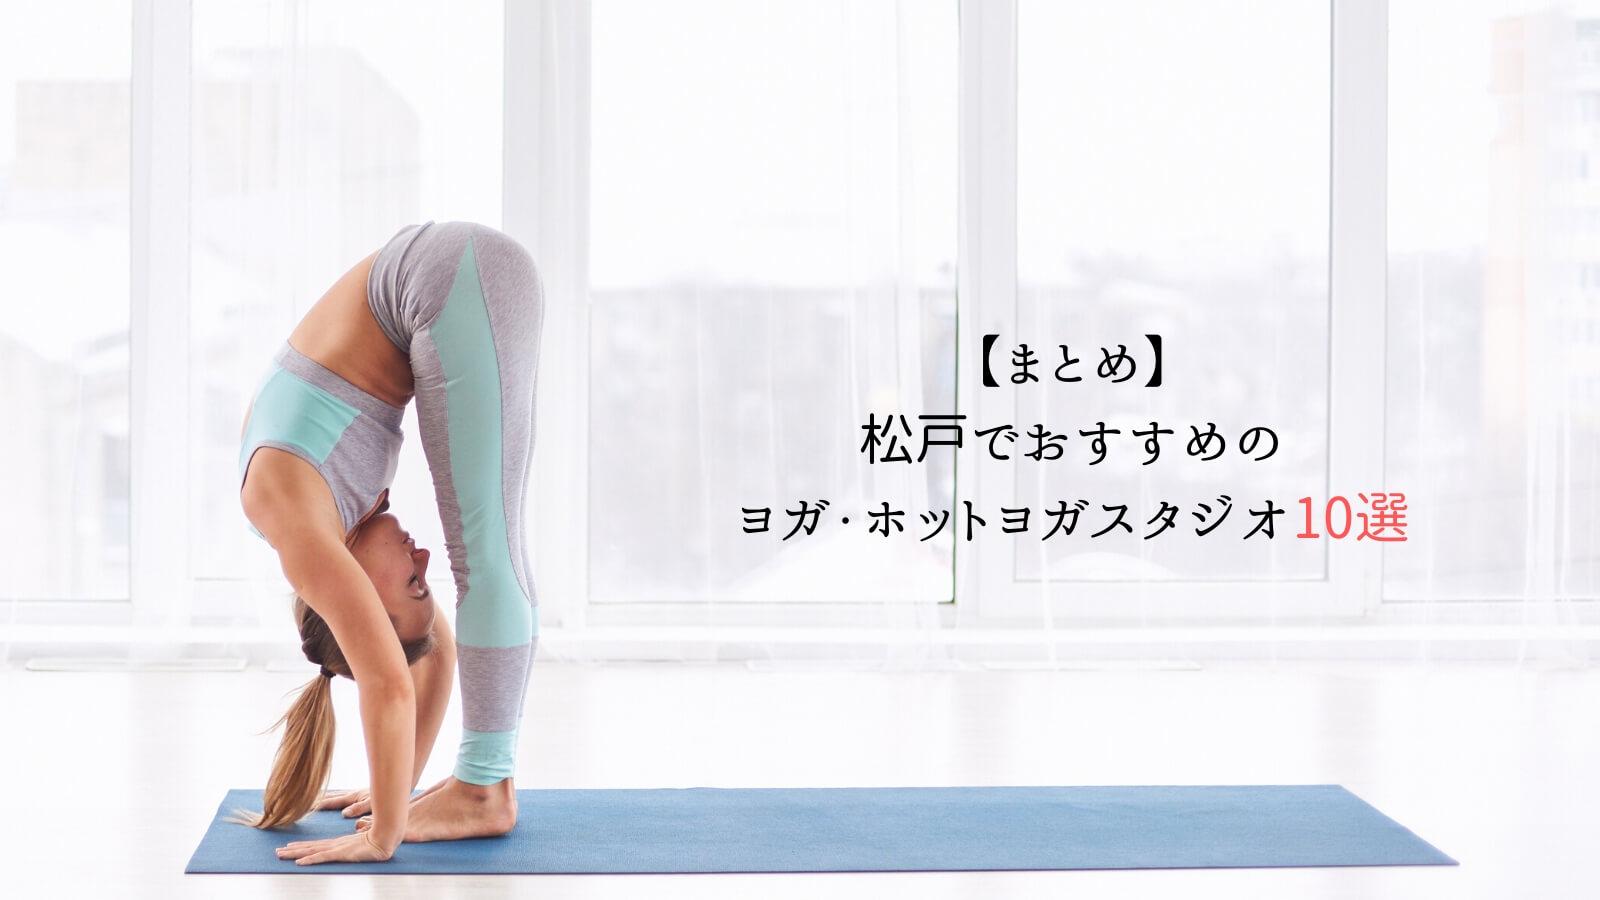 【まとめ】松戸でおすすめのヨガ・ホットヨガスタジオ10選